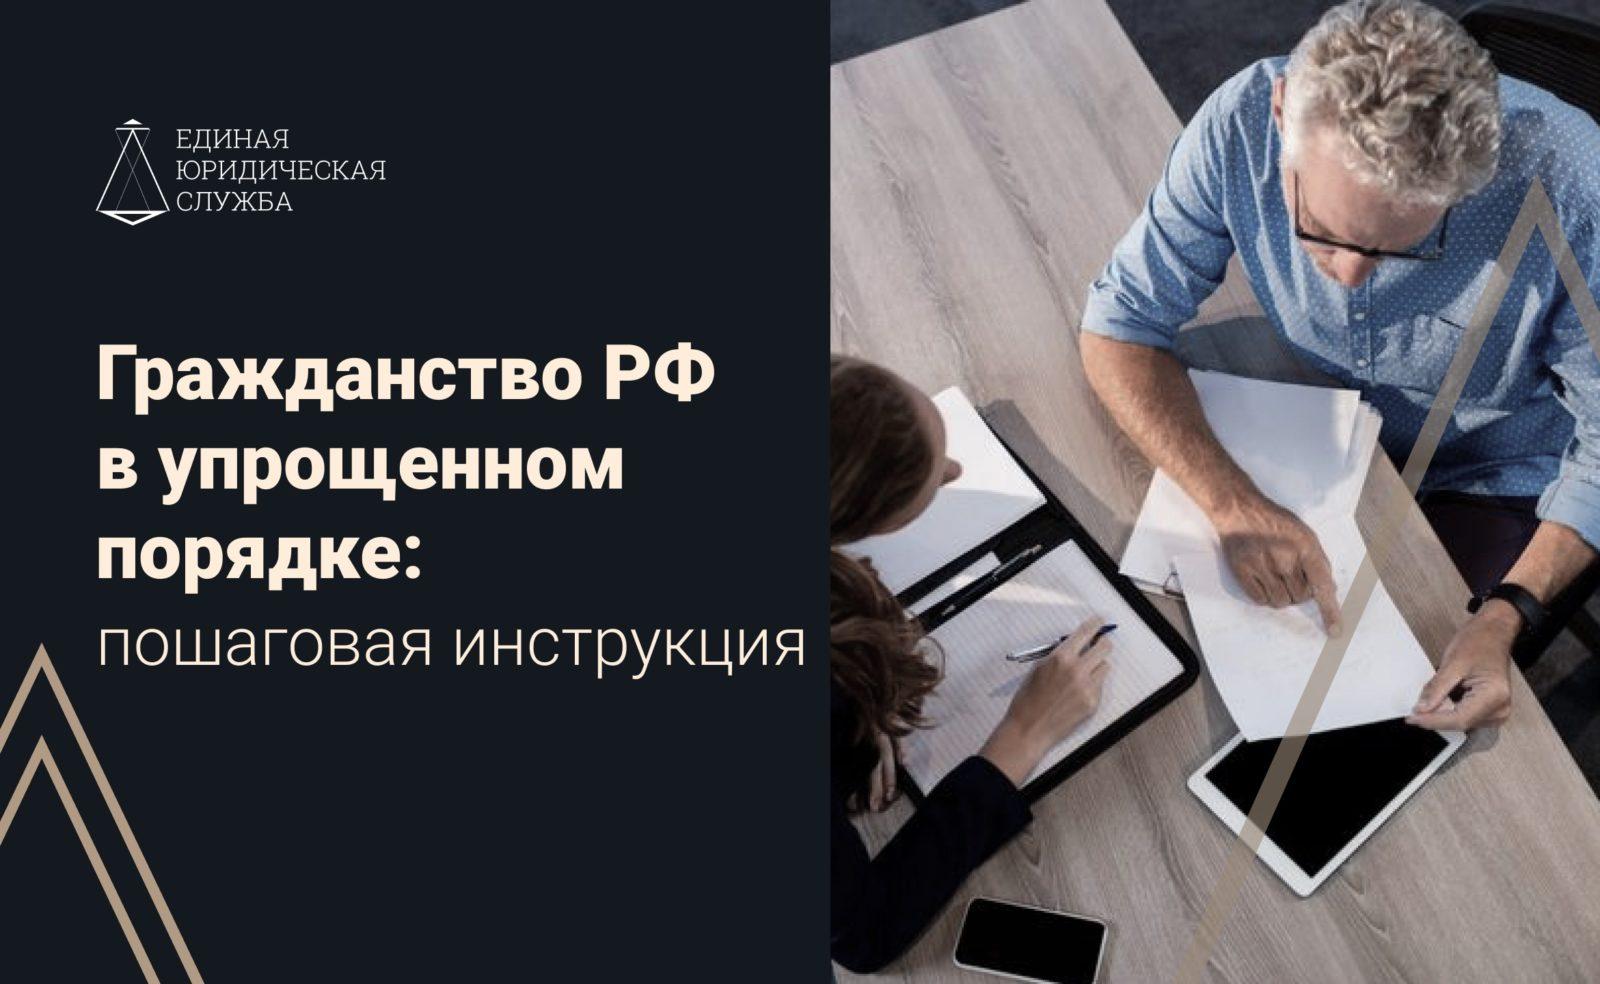 Гражданство РФ в упрощенном порядке: пошаговая инструкция